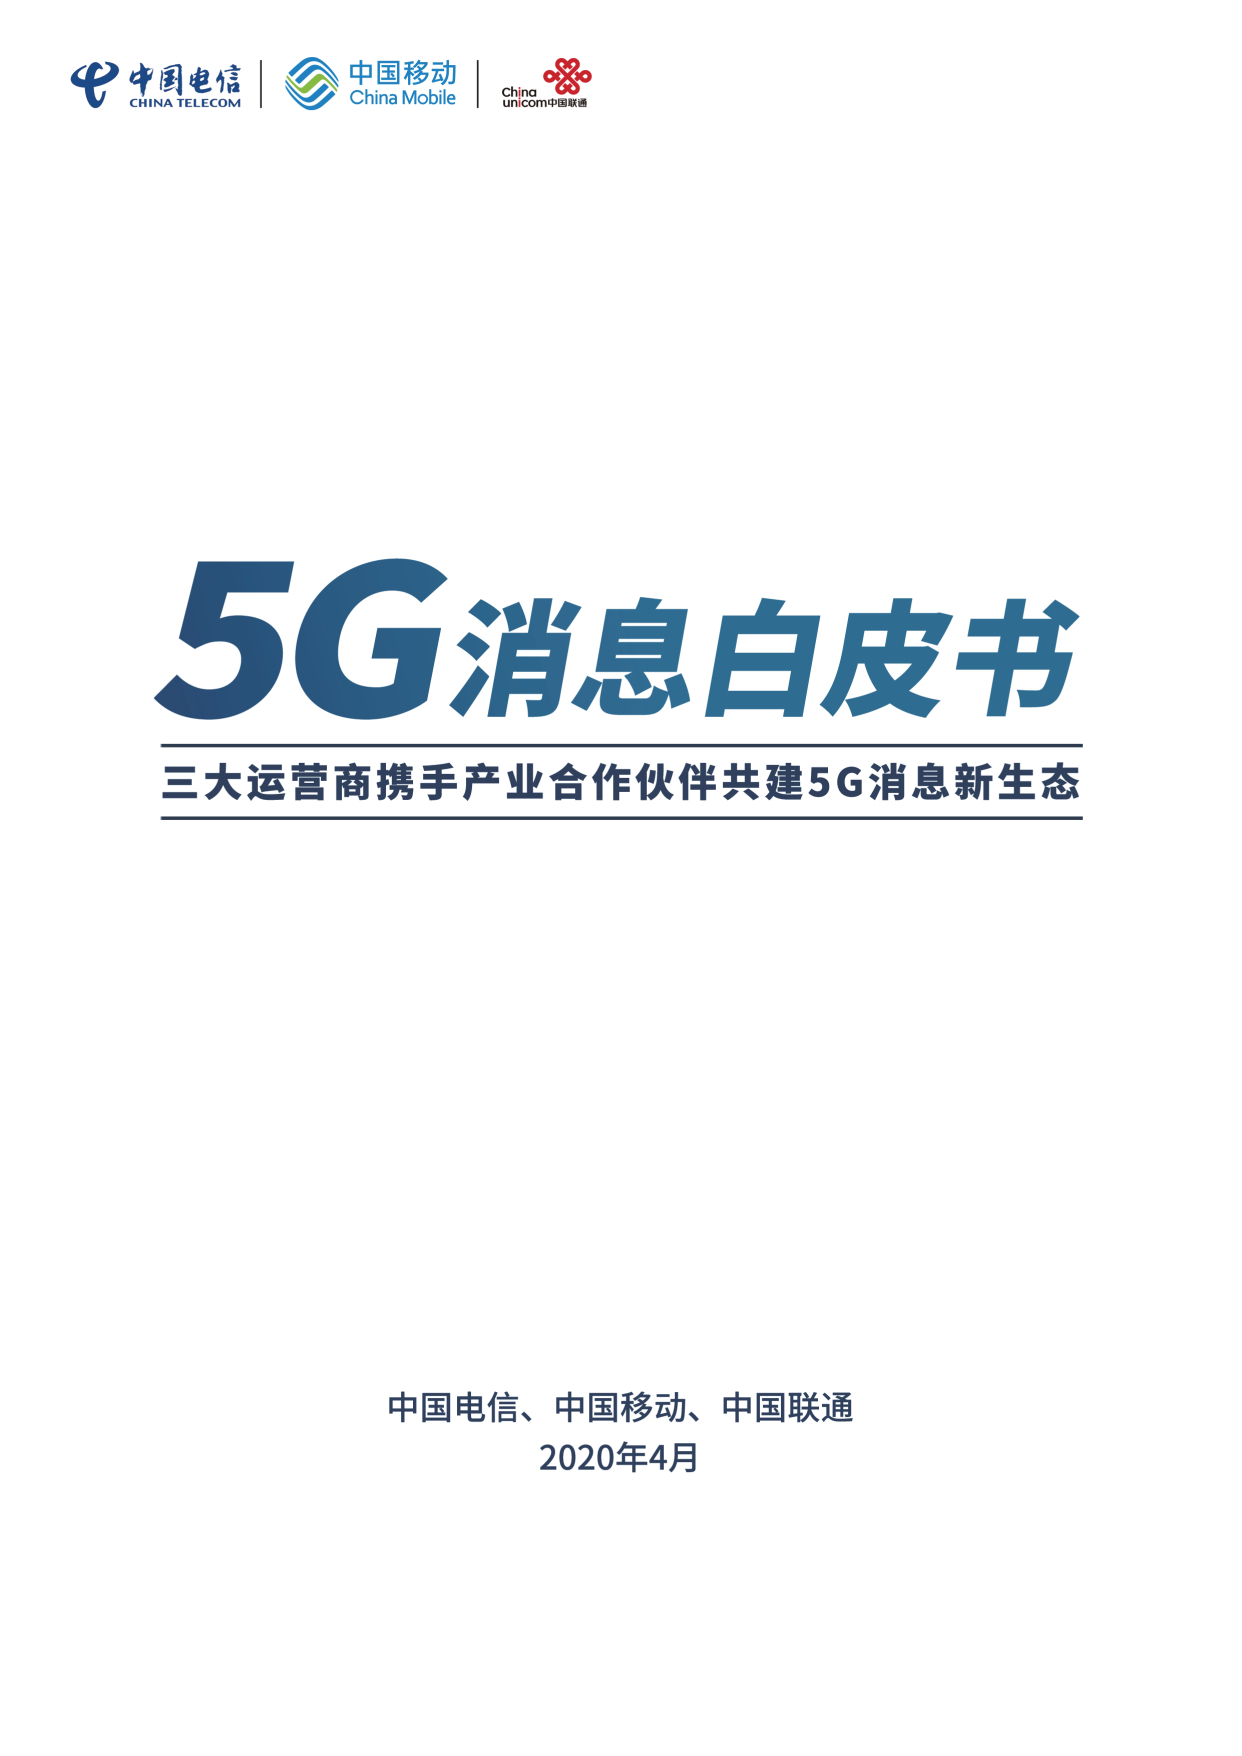 """六年磨一剑:融合通信(RCS)以""""5G消息""""的方式亮相"""